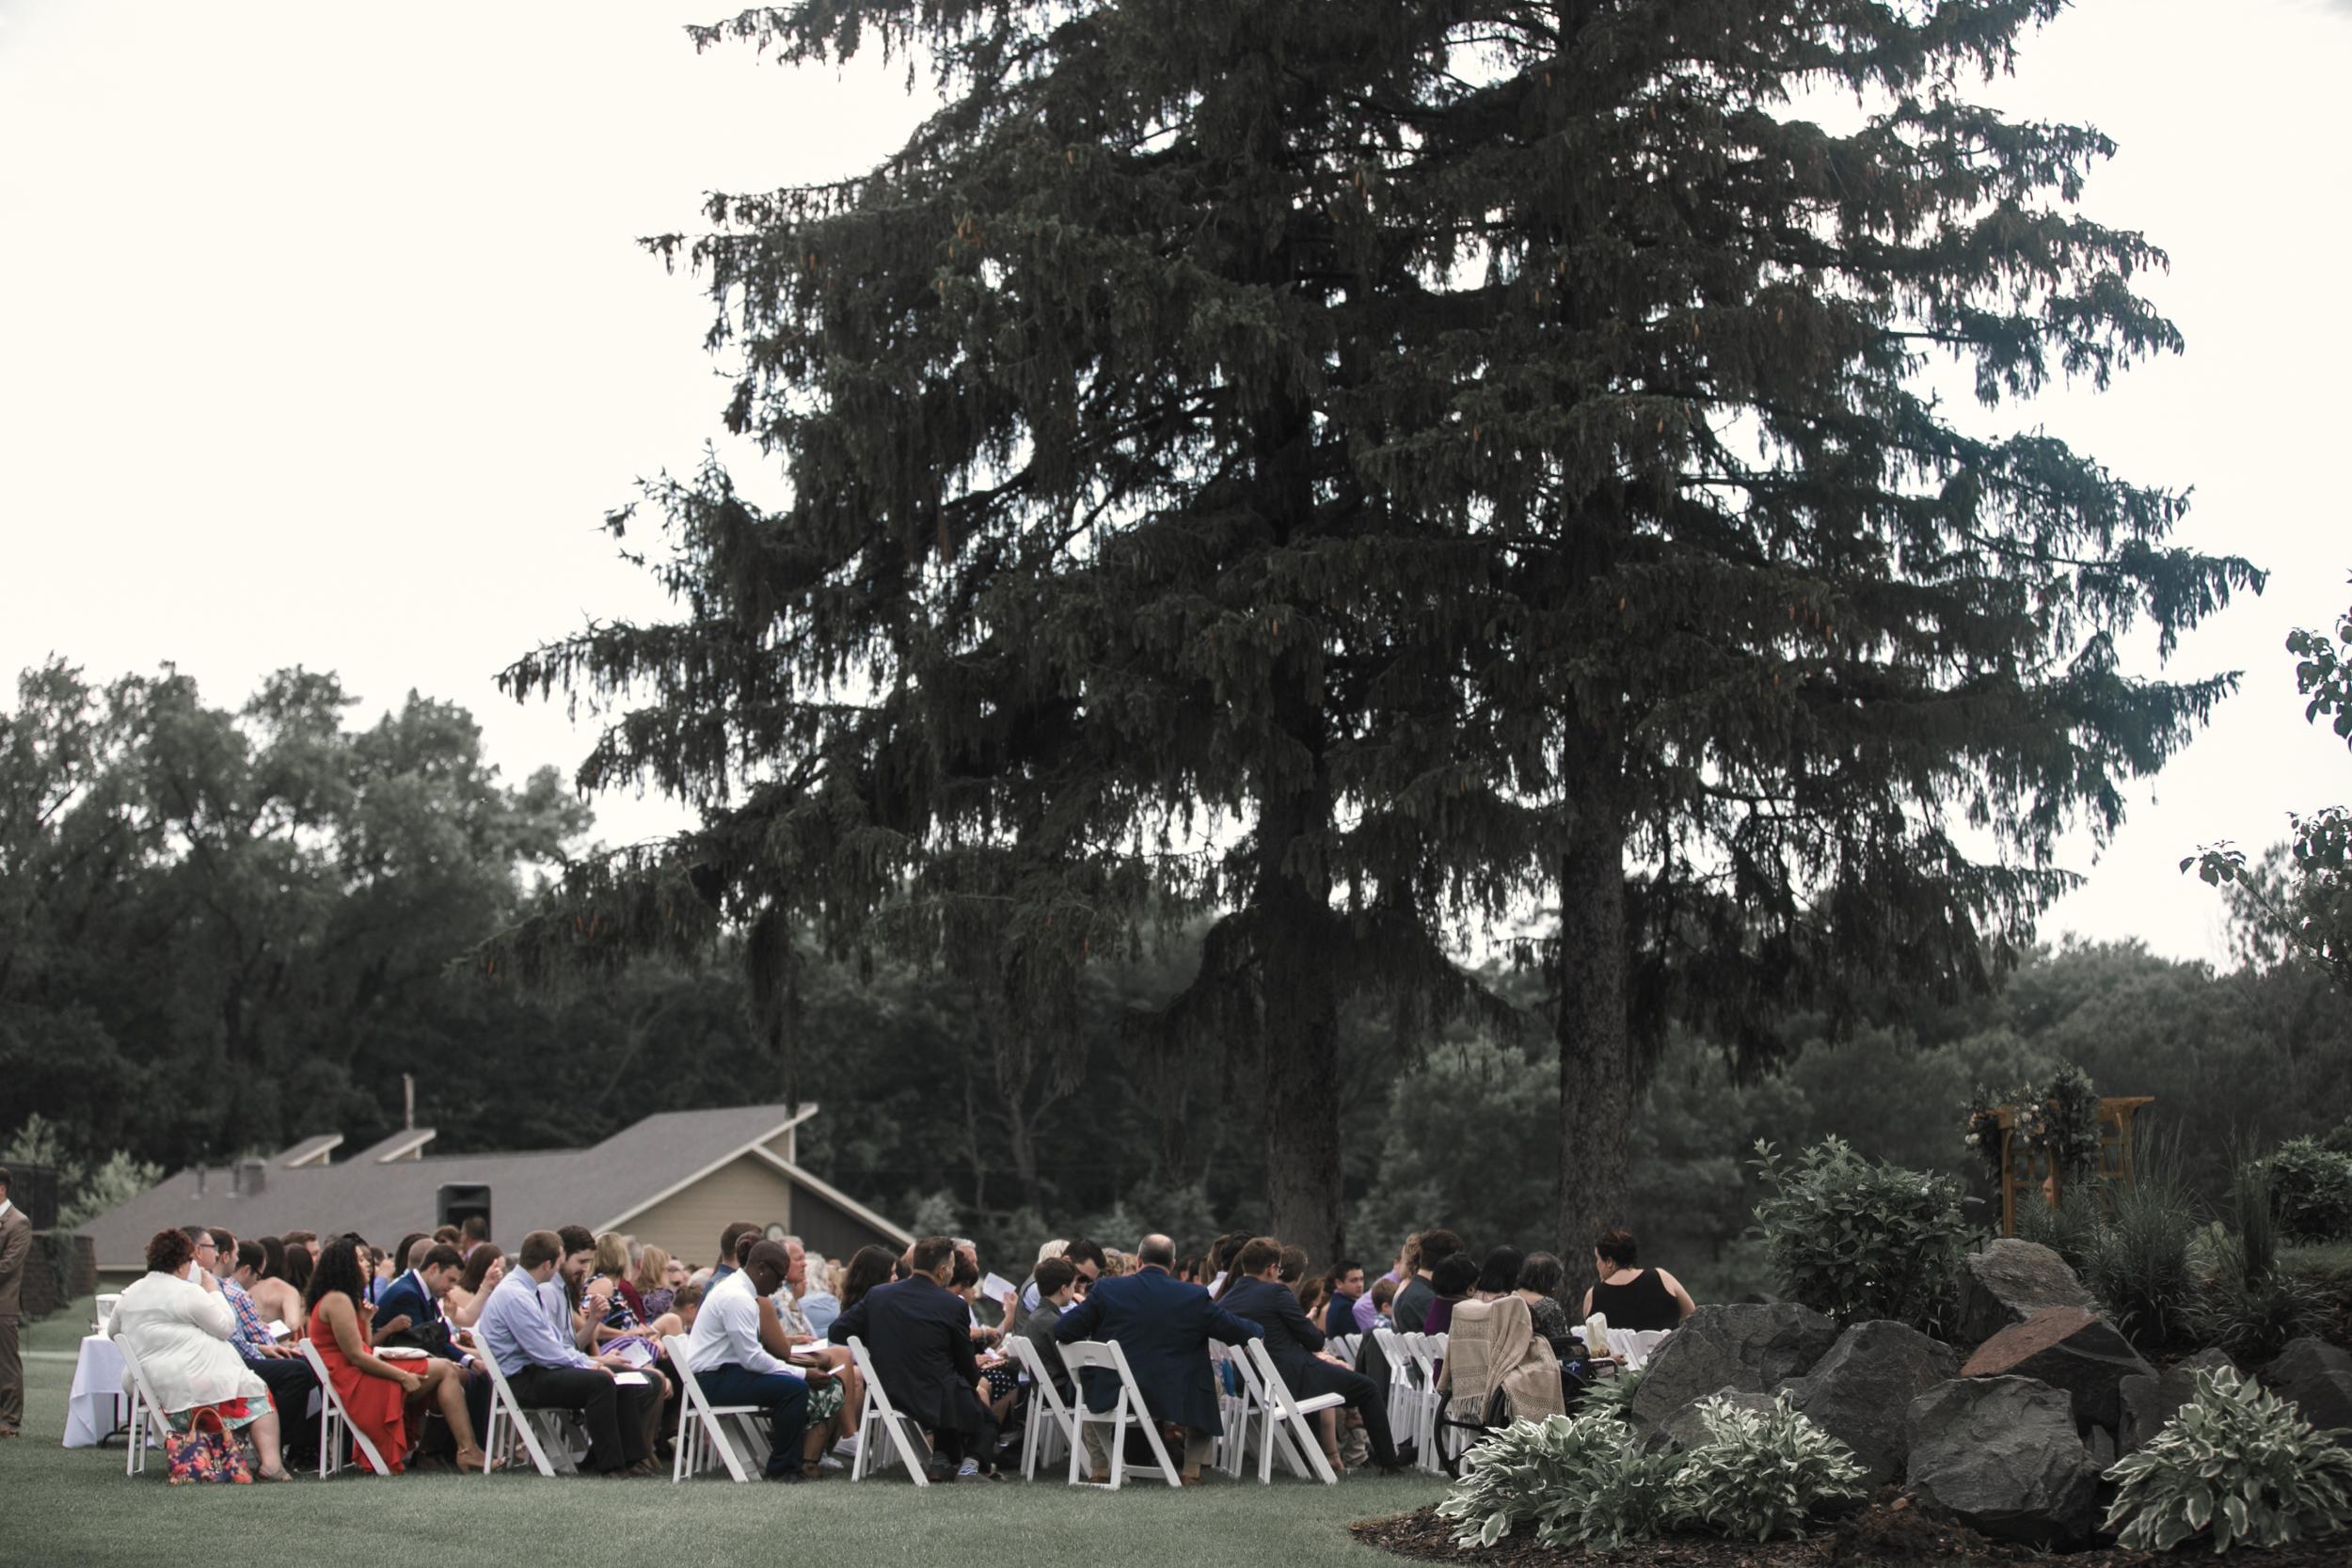 dellwood country club wedding*, Dellwood Country Club*, golf course wedding*, green golf course*, rose pink wedding details*-www.rachelsmak.com32.jpg